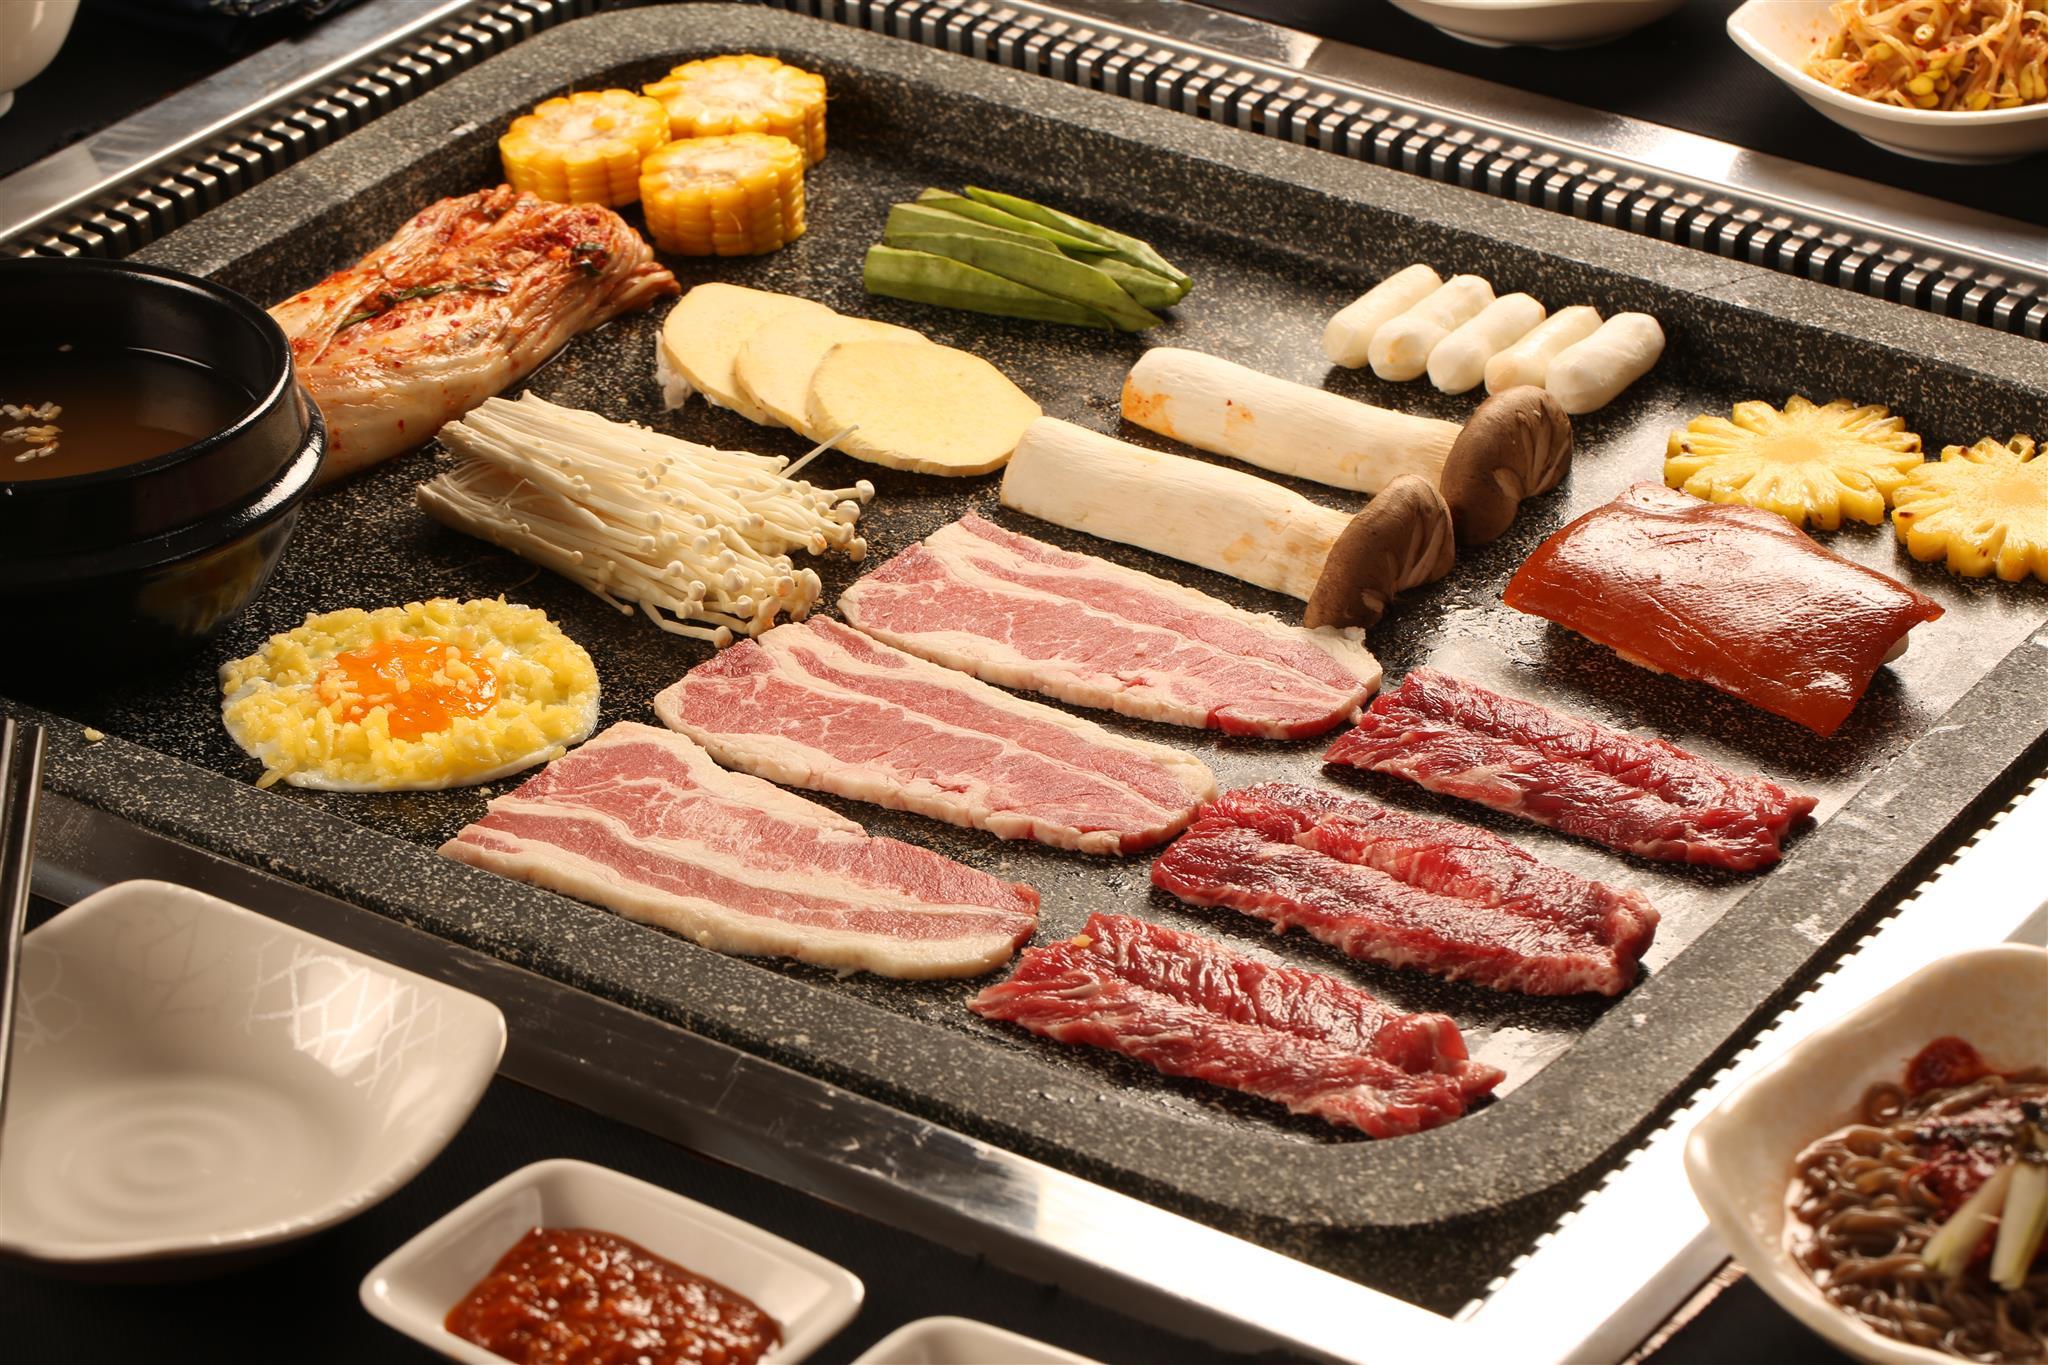 Thưởng thức buffet thịt nướng bàn đá độc đáo từ Hàn Quốc - Ảnh 2.